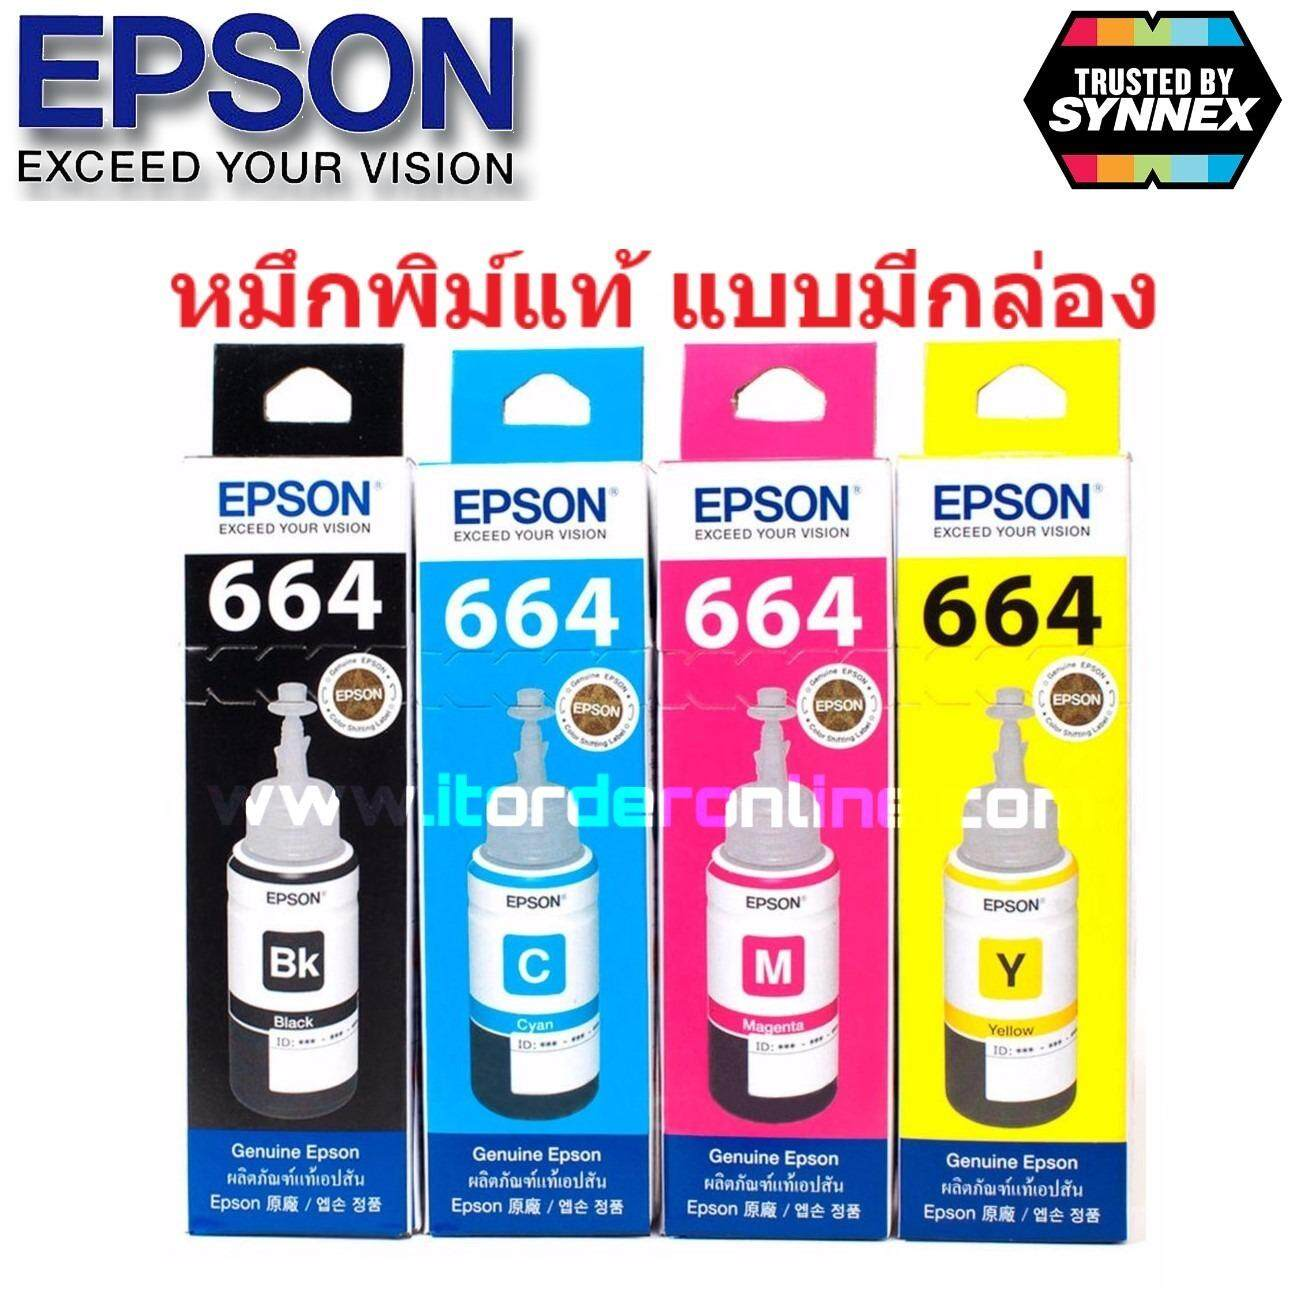 ขาย ซื้อ Epson หมึก พิมพ์ เอปสัน Epson T664 L Series T6641 T6642 T6643 T6644 4 ชิ้น New Package หมึก T664100 200 300 400 Bk Cmy หมึกแท้ ประกันศูนย์ ใน กรุงเทพมหานคร